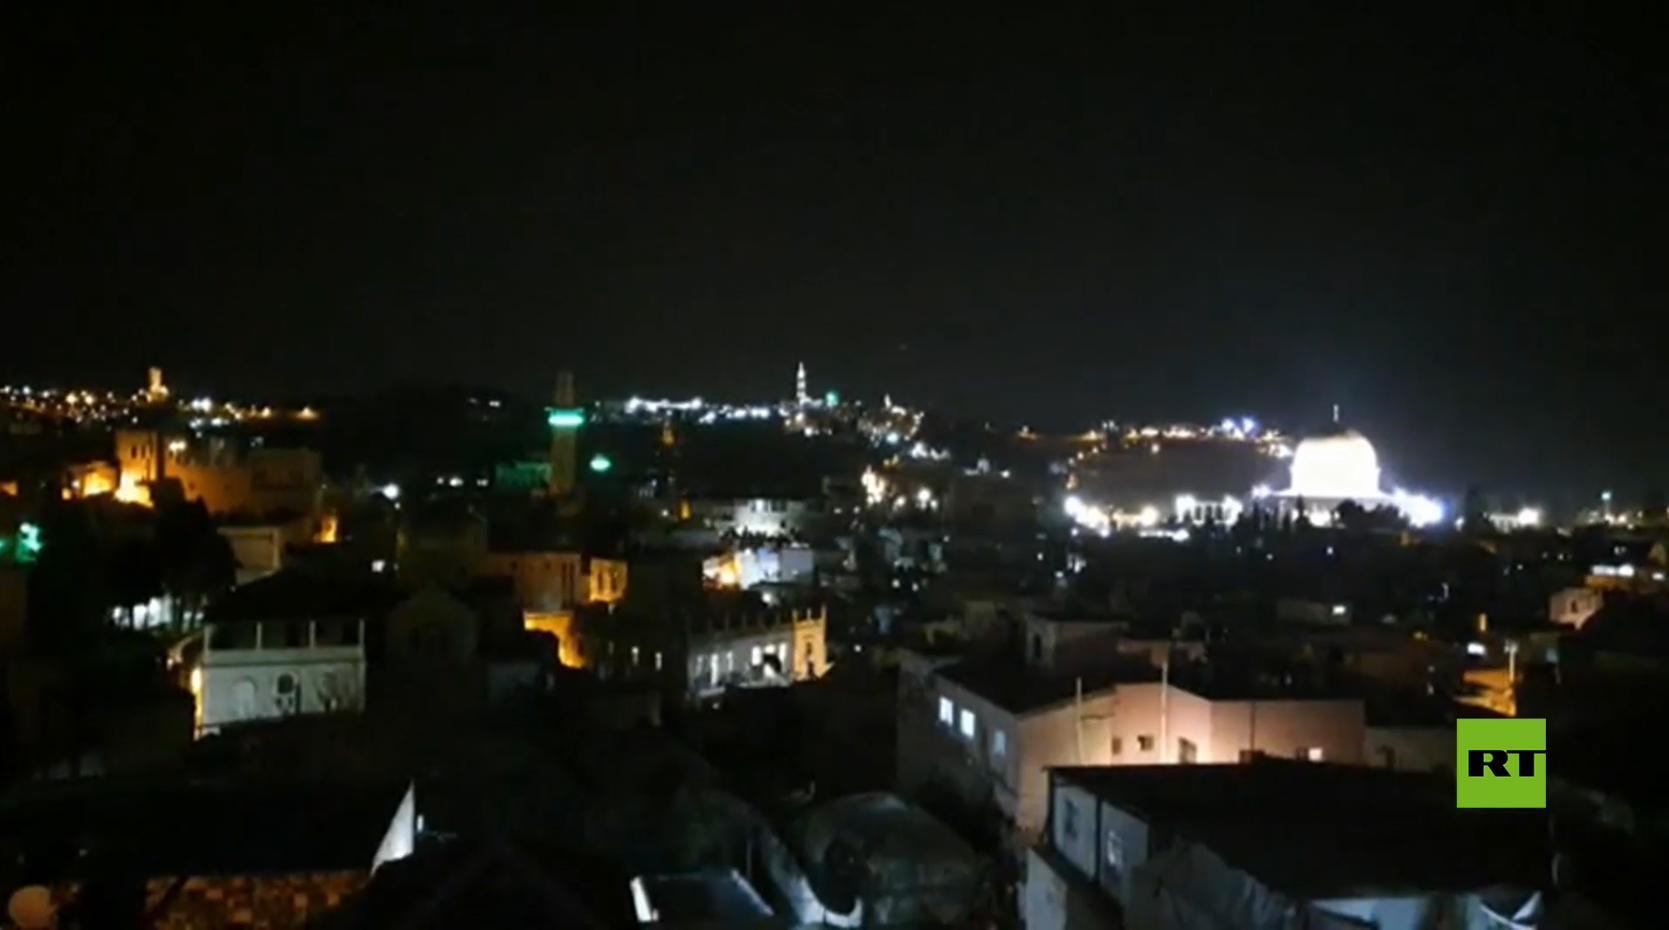 بعد إغلاق المسجد الأقصى.. سكان القدس يكبرون من أسطح المنازل